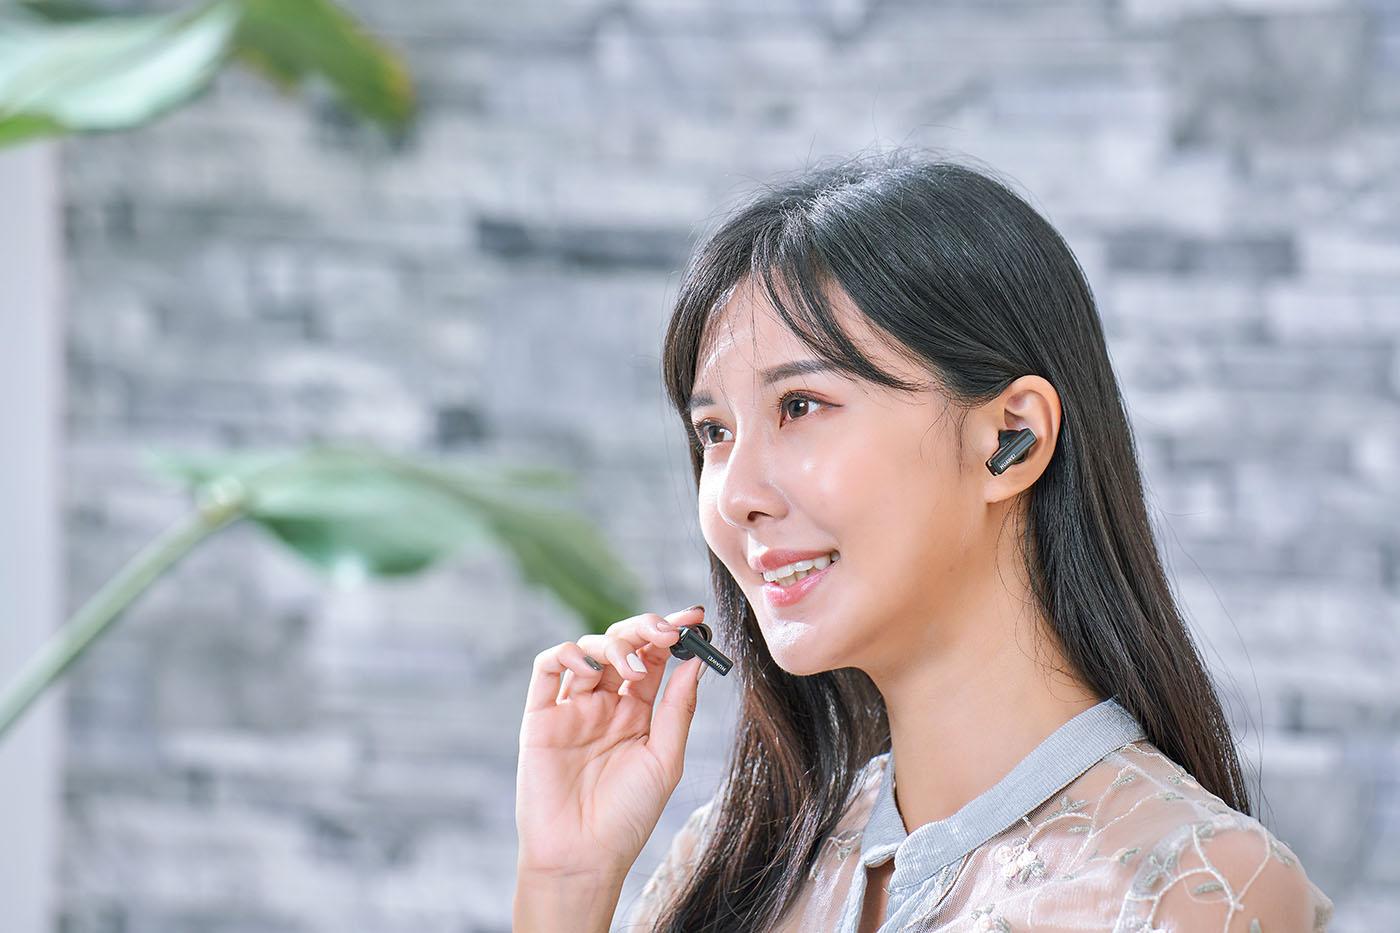 前面提到FreeBuds Pro 內建骨聲紋通話降噪功能,可以大幅提升通話時的音訊傳送清晰度,其實這款耳機還支援將單側耳機取下,作為獨立通話麥克風使用,讓通話效果更好。